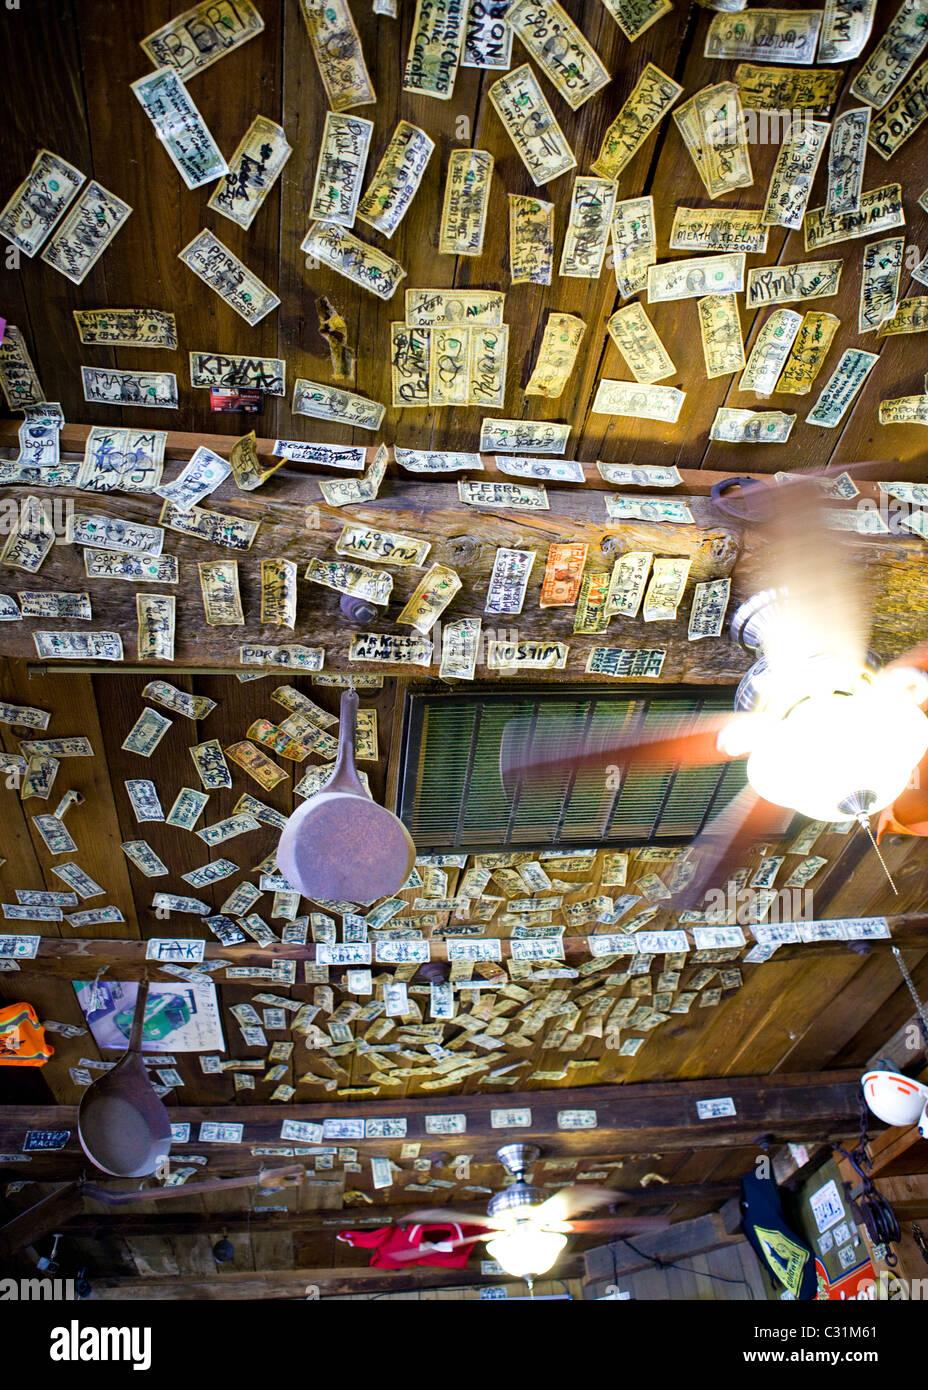 Unterzeichnet von einem Dollar-Scheine an der Decke und Wände des westlichen Bar geheftet Stockbild